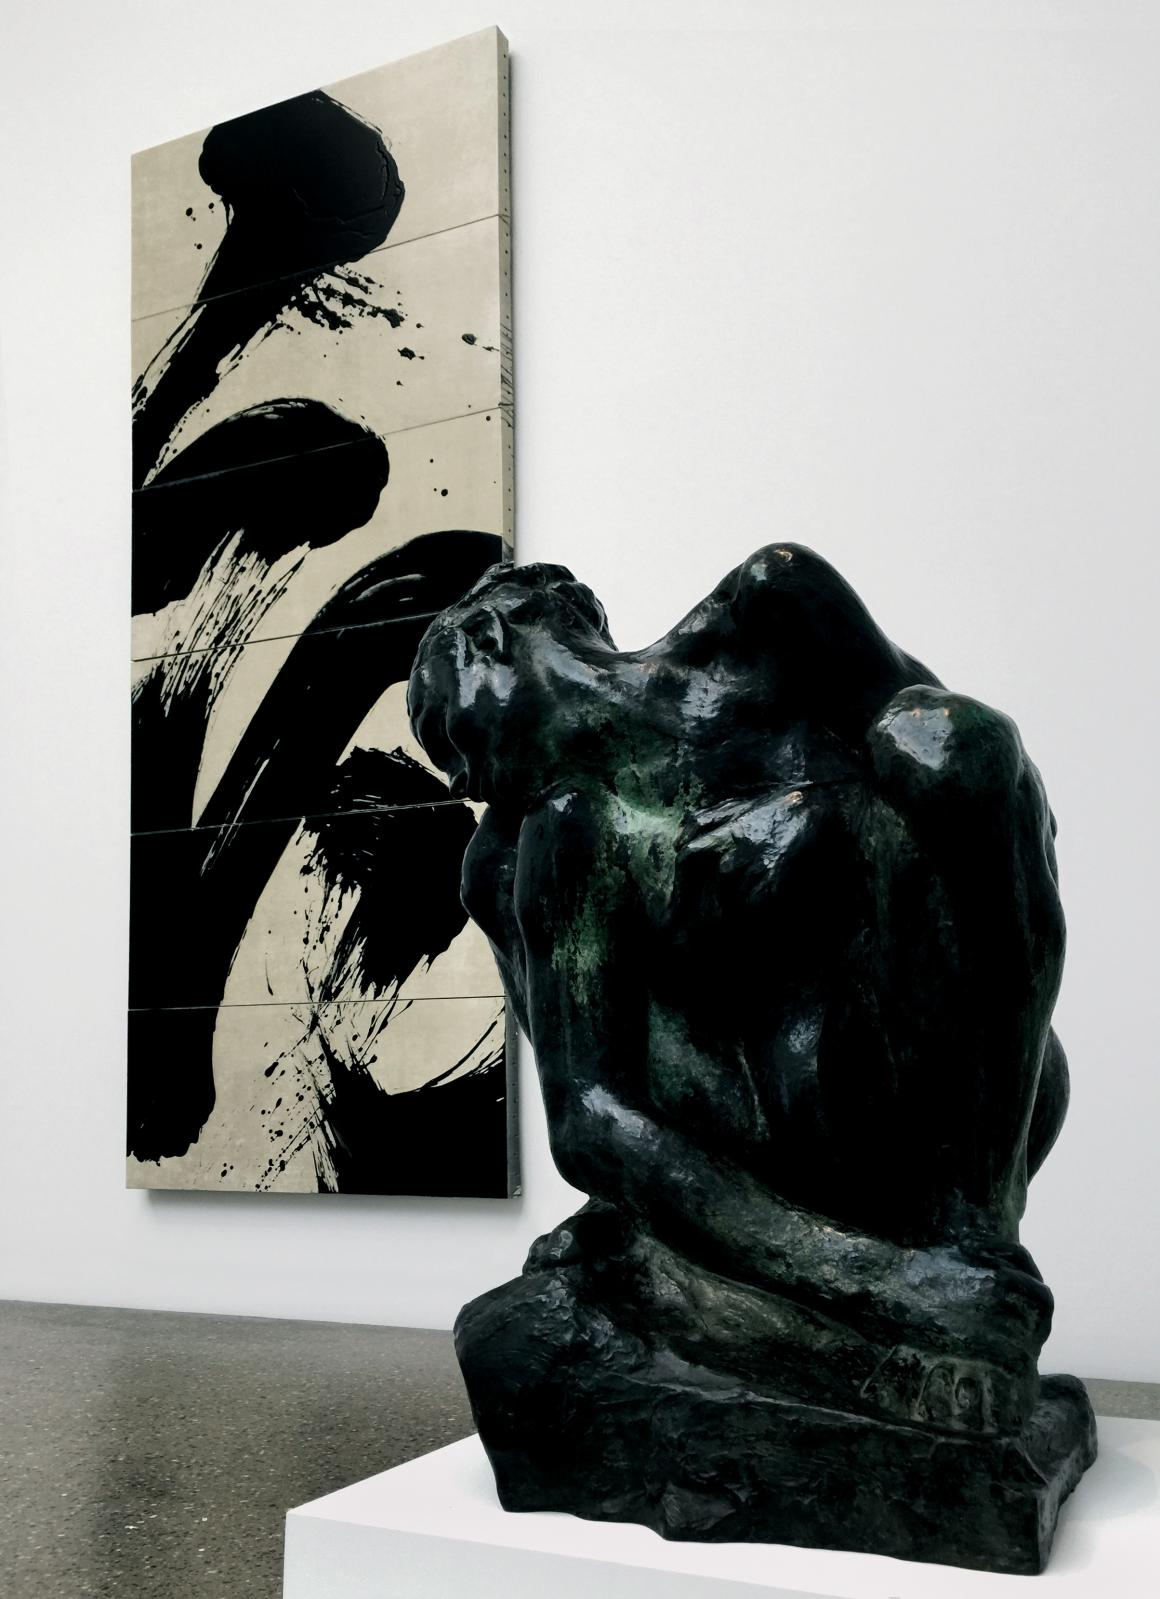 L'Existant, de Fabienne Verdier (née en 1962), et La Femme accroupie d'Auguste Rodin (1840-1917) lors de l'exposition de groupe «The Looser Collection